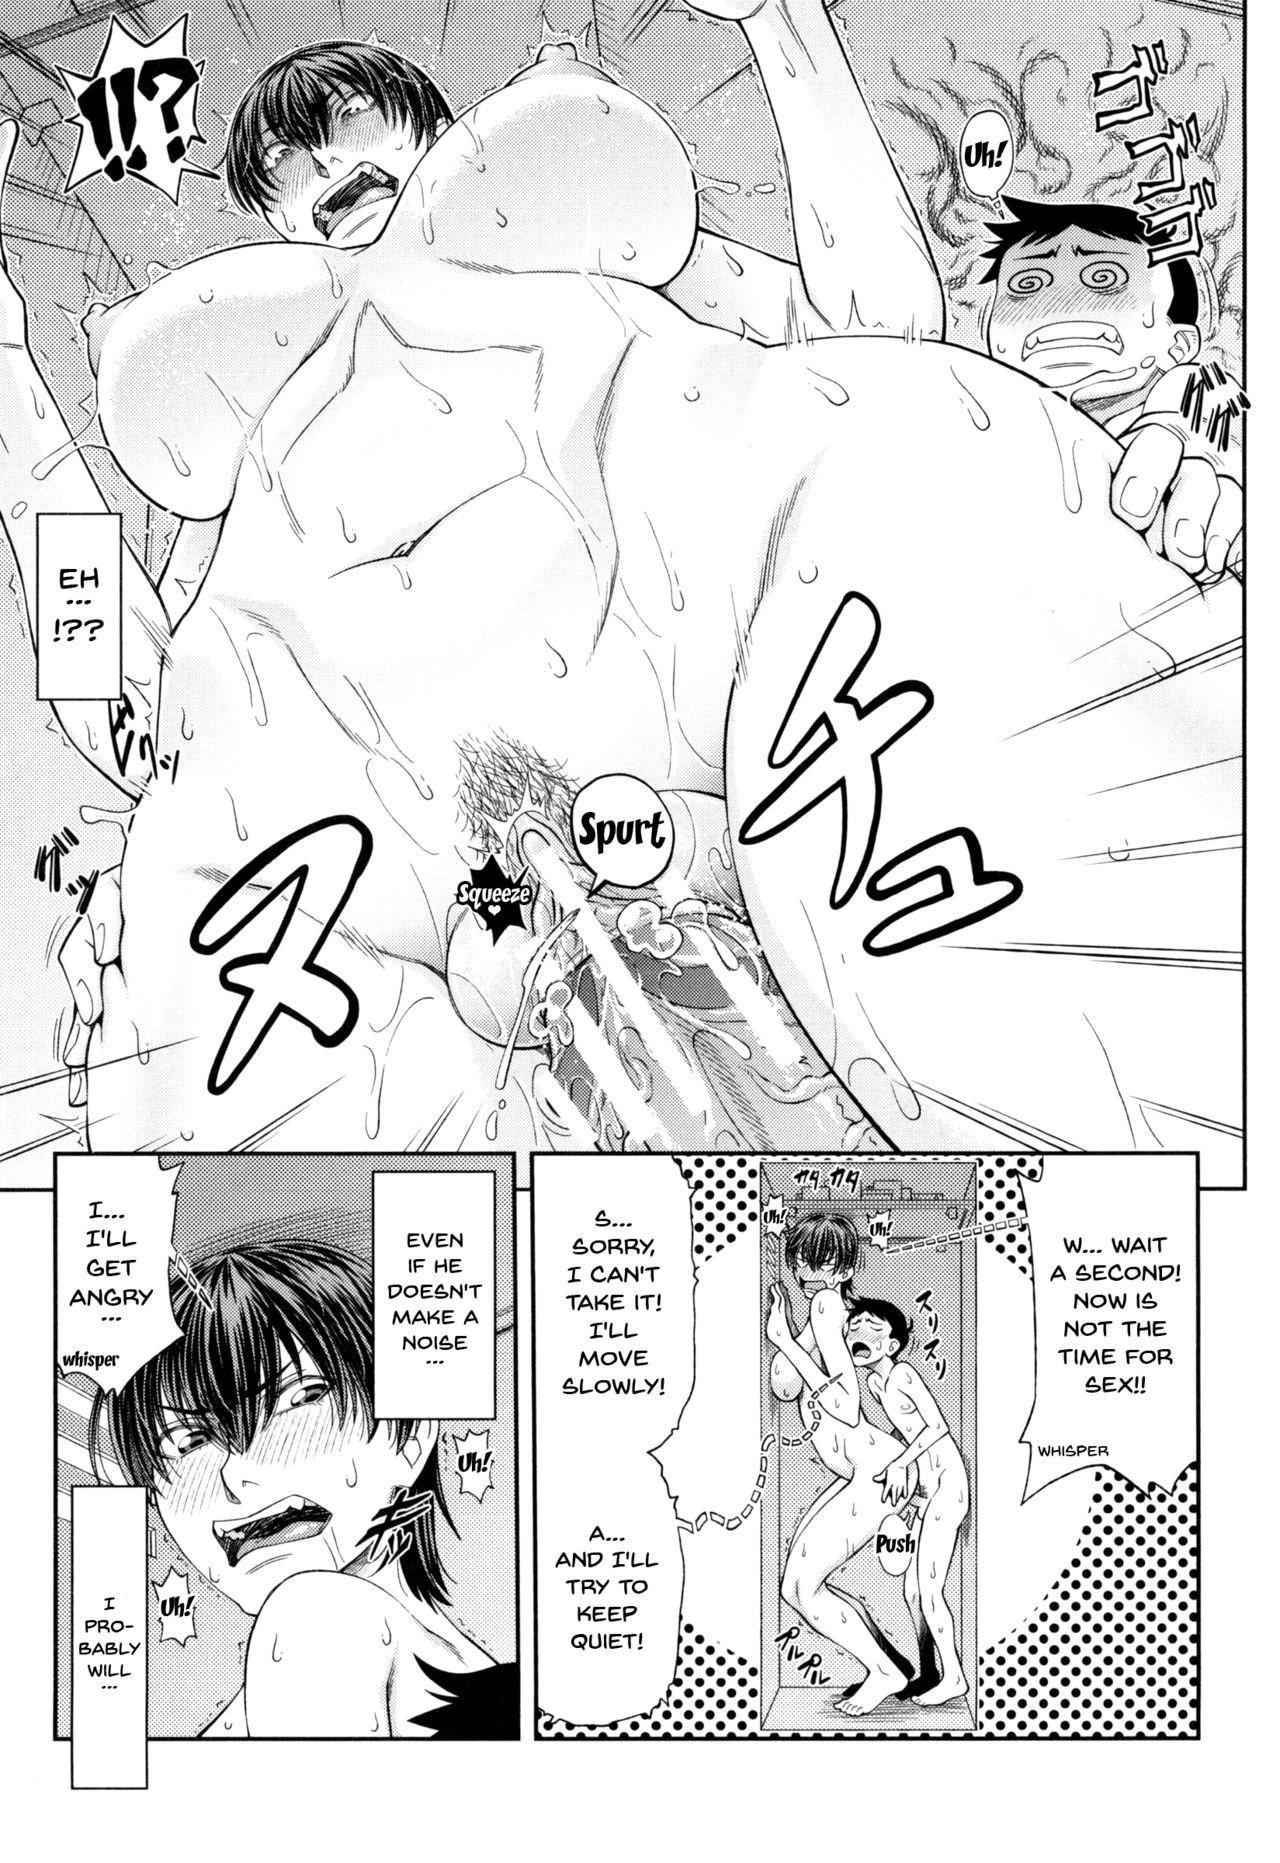 Watashi ga Toriko ni Natte Yaru | I Became A Sex Slave 165